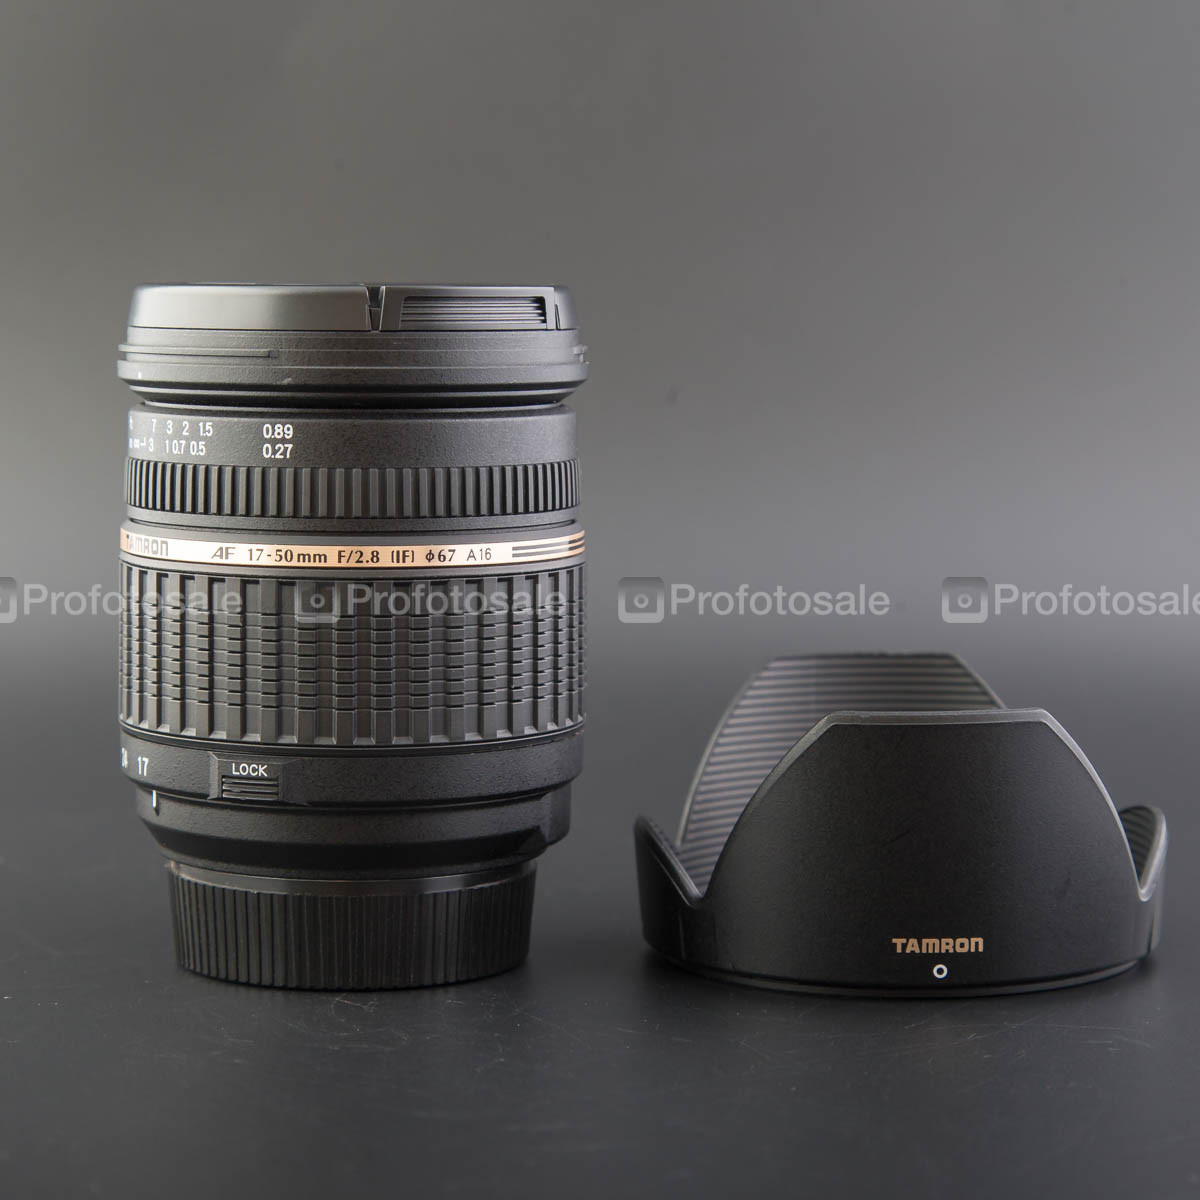 Tamron AF 17-50mm f/2.8 LD XR Di II SP